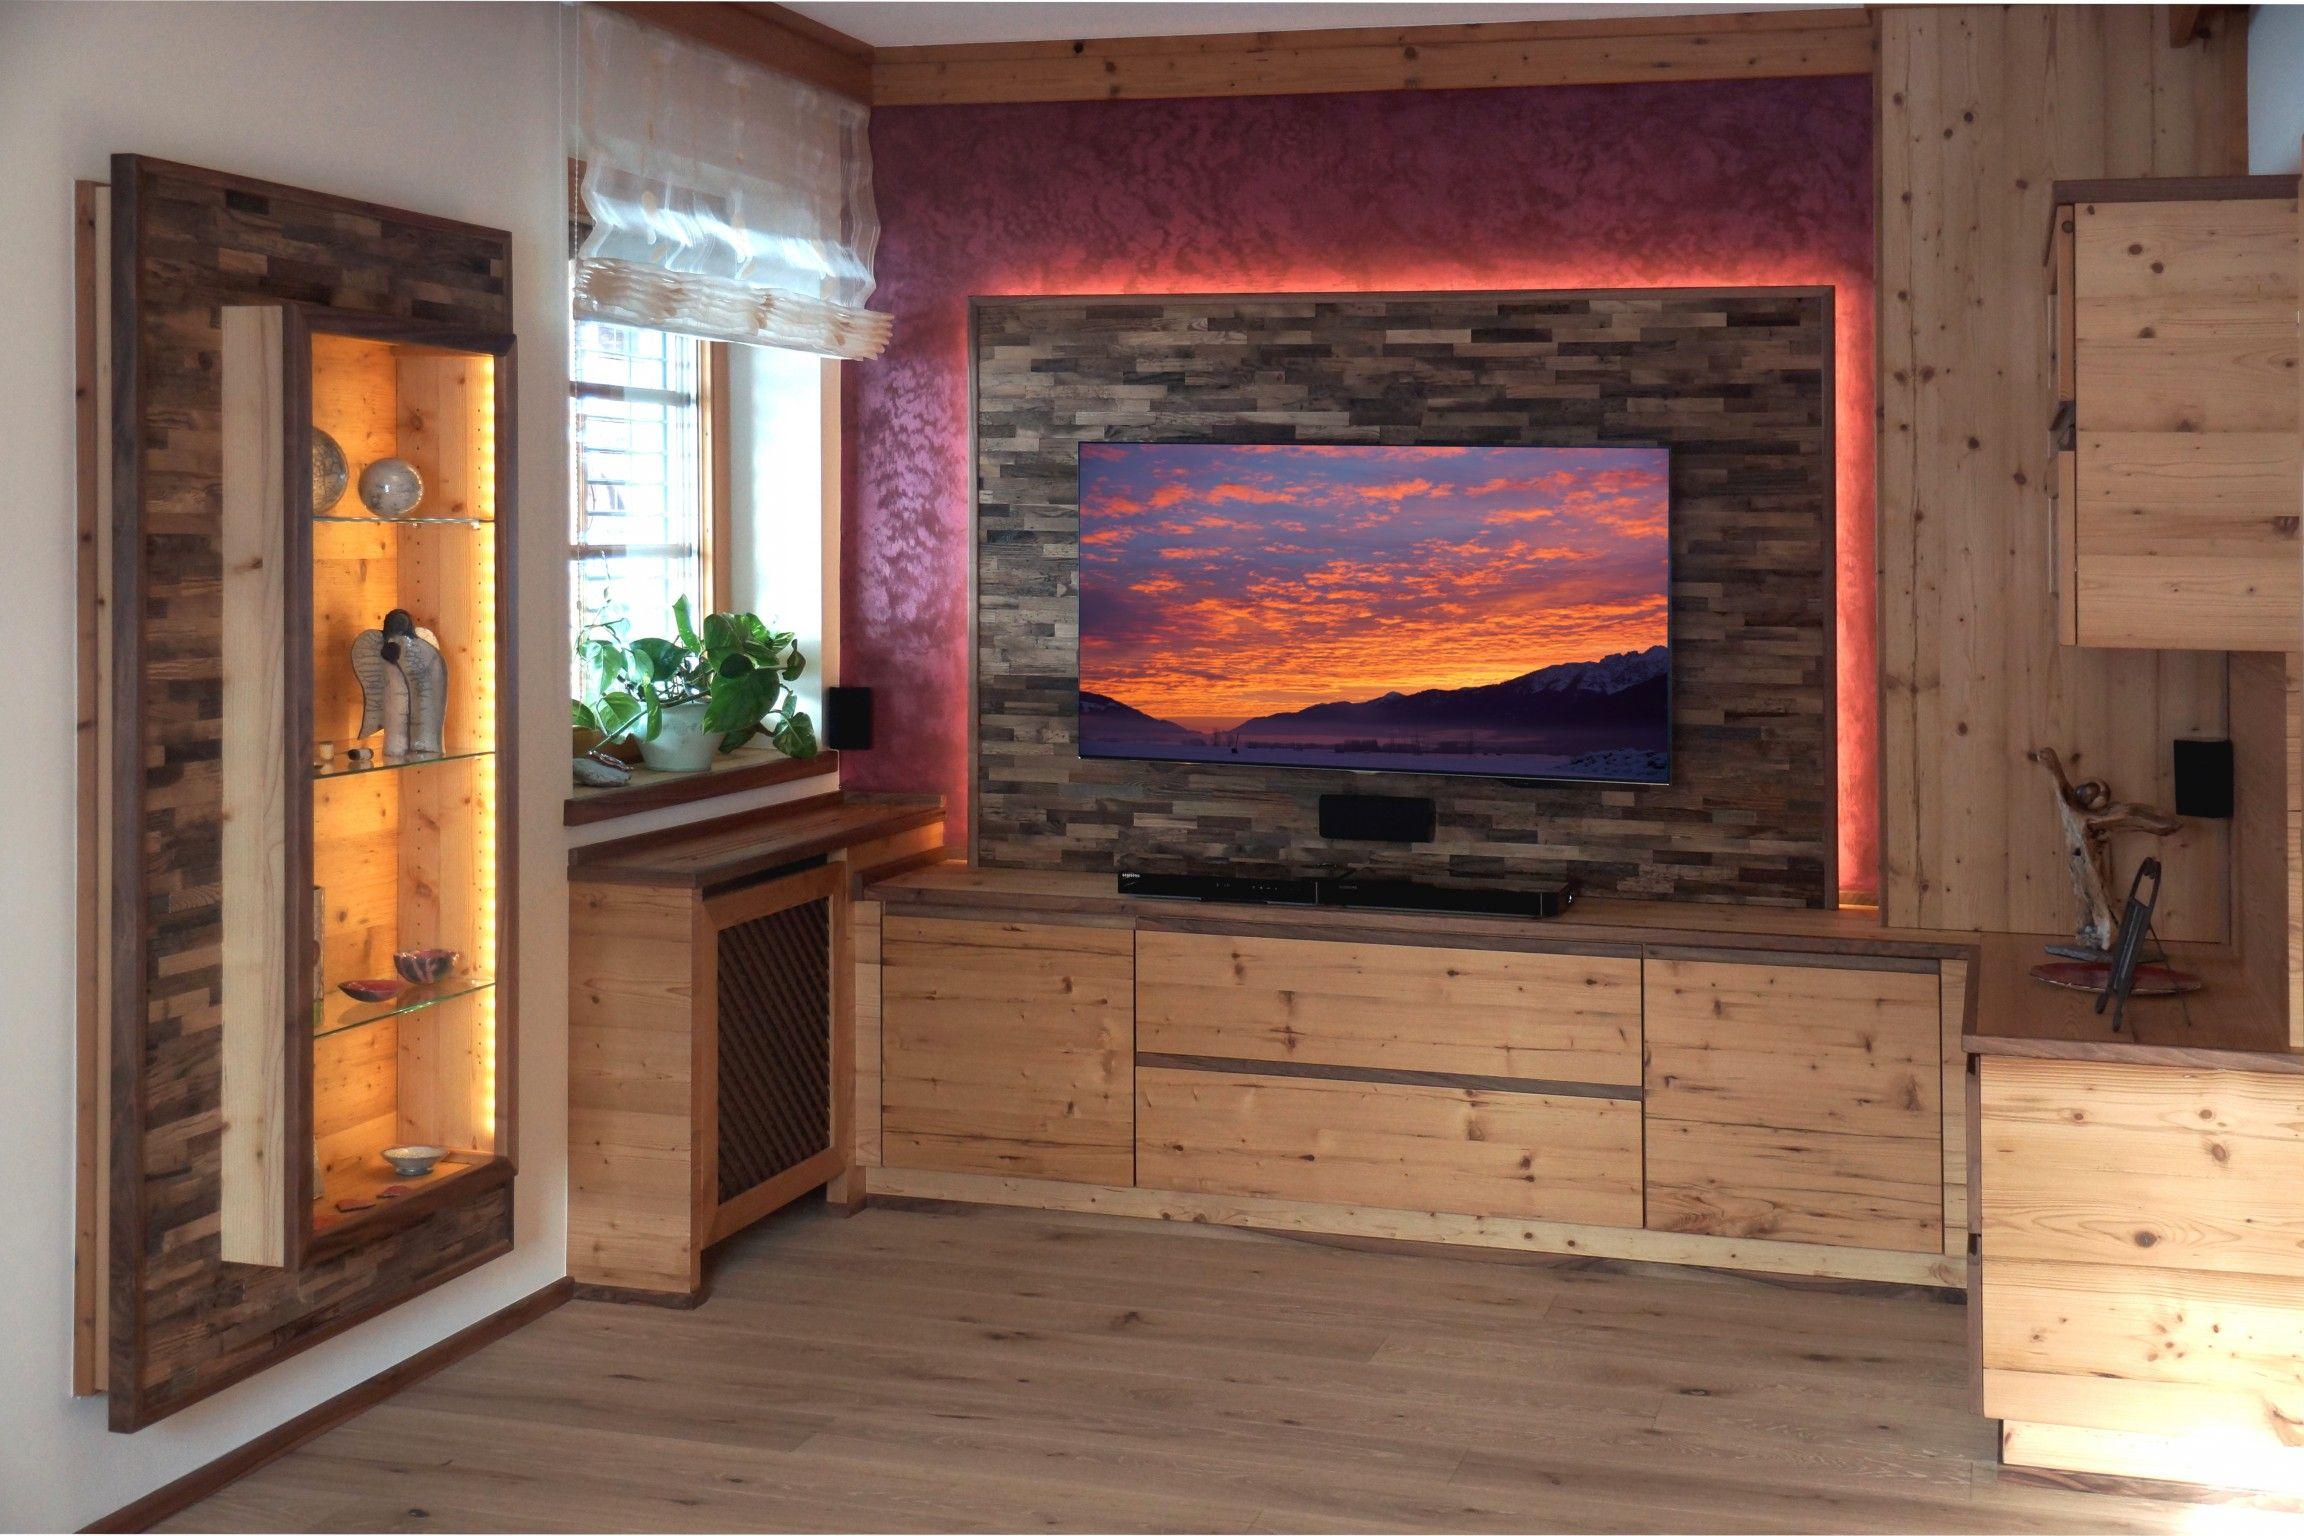 bildergebnis f r altholz tischlerei tirol wohnzimmerideen pinterest tischlerei und altholz. Black Bedroom Furniture Sets. Home Design Ideas